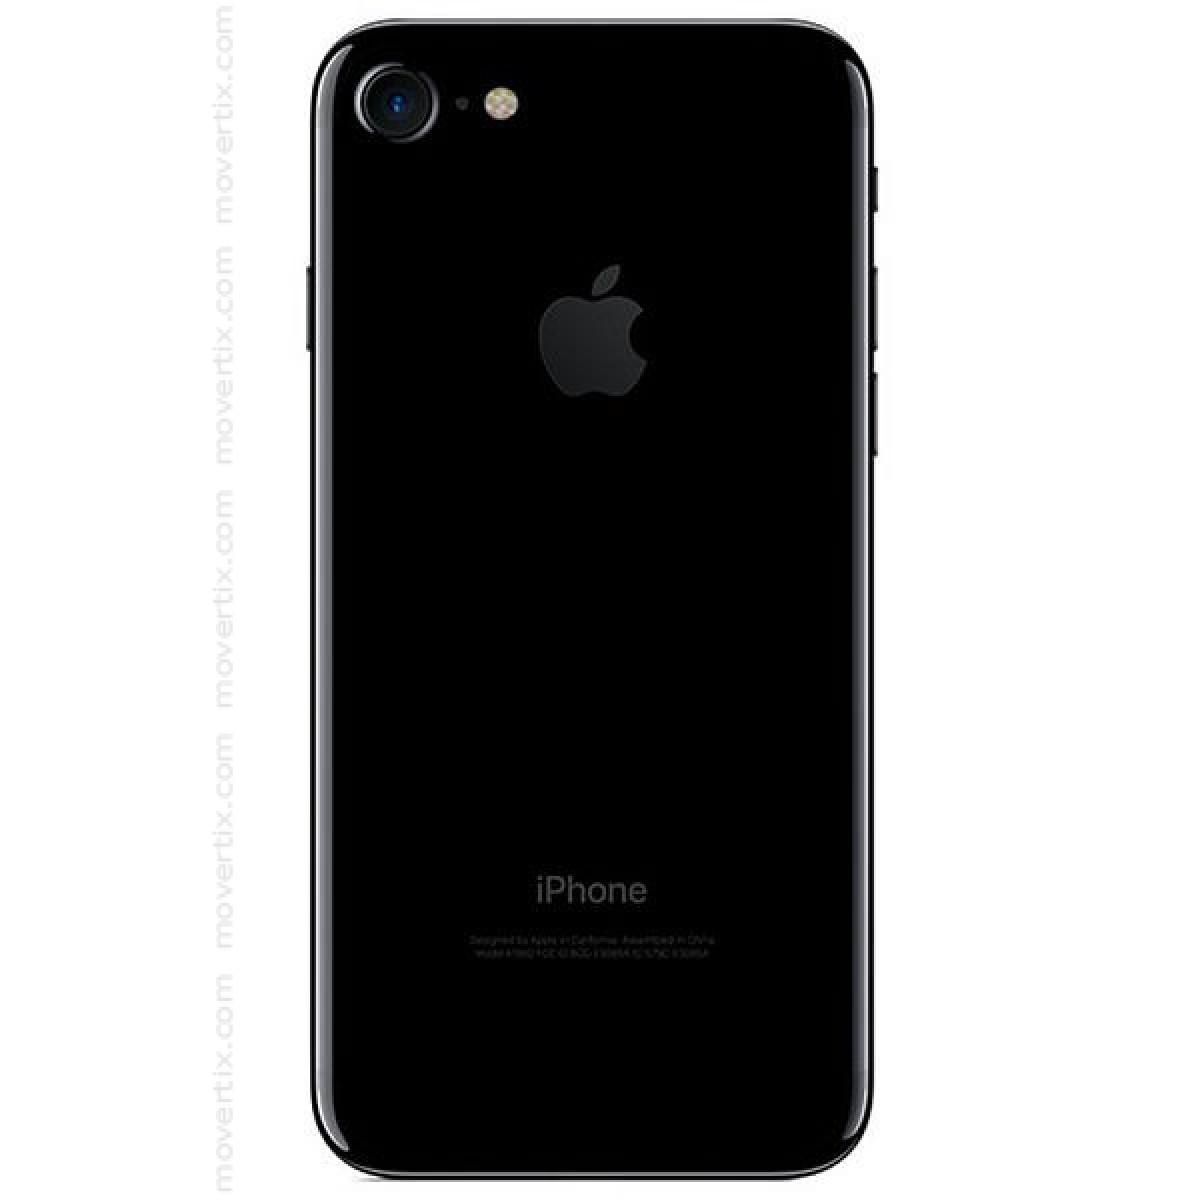 apple iphone 7 jet black 32gb 190198543110 movertix mobile phones shop. Black Bedroom Furniture Sets. Home Design Ideas